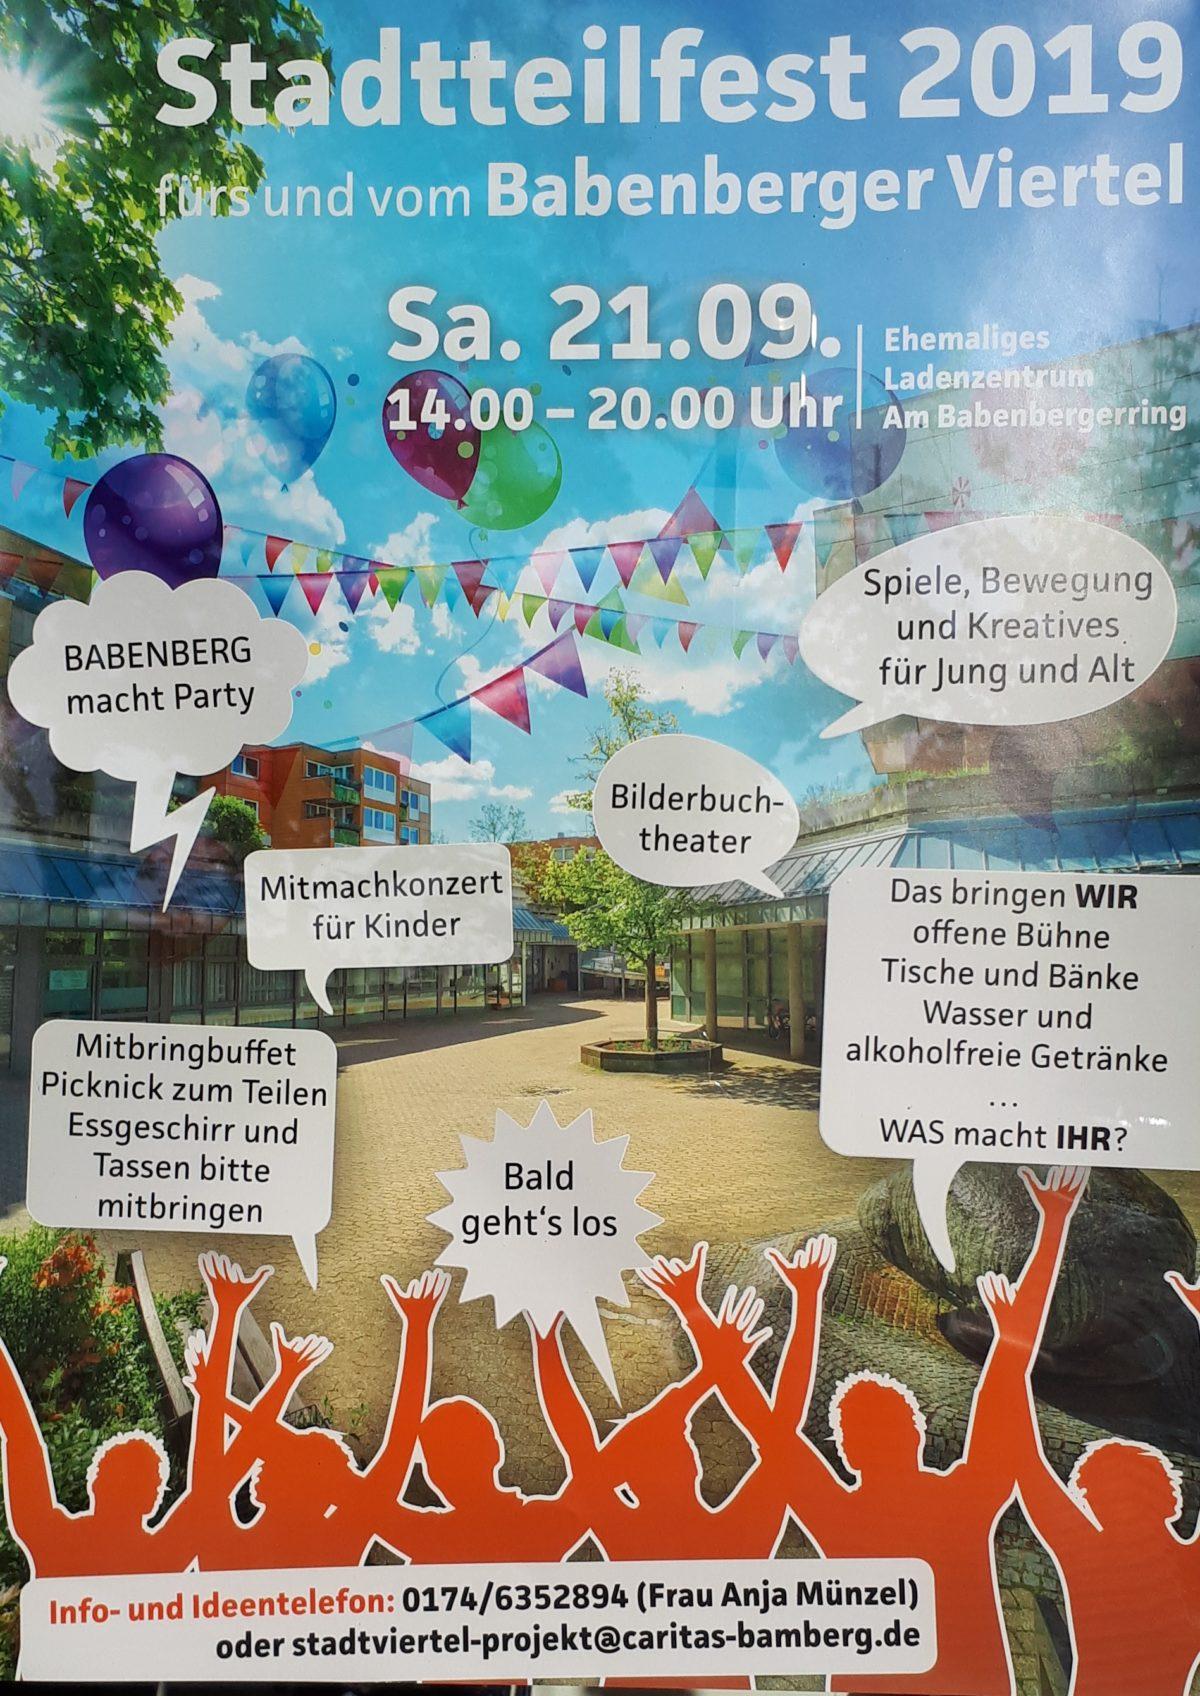 Stadtteilfest Bamberg